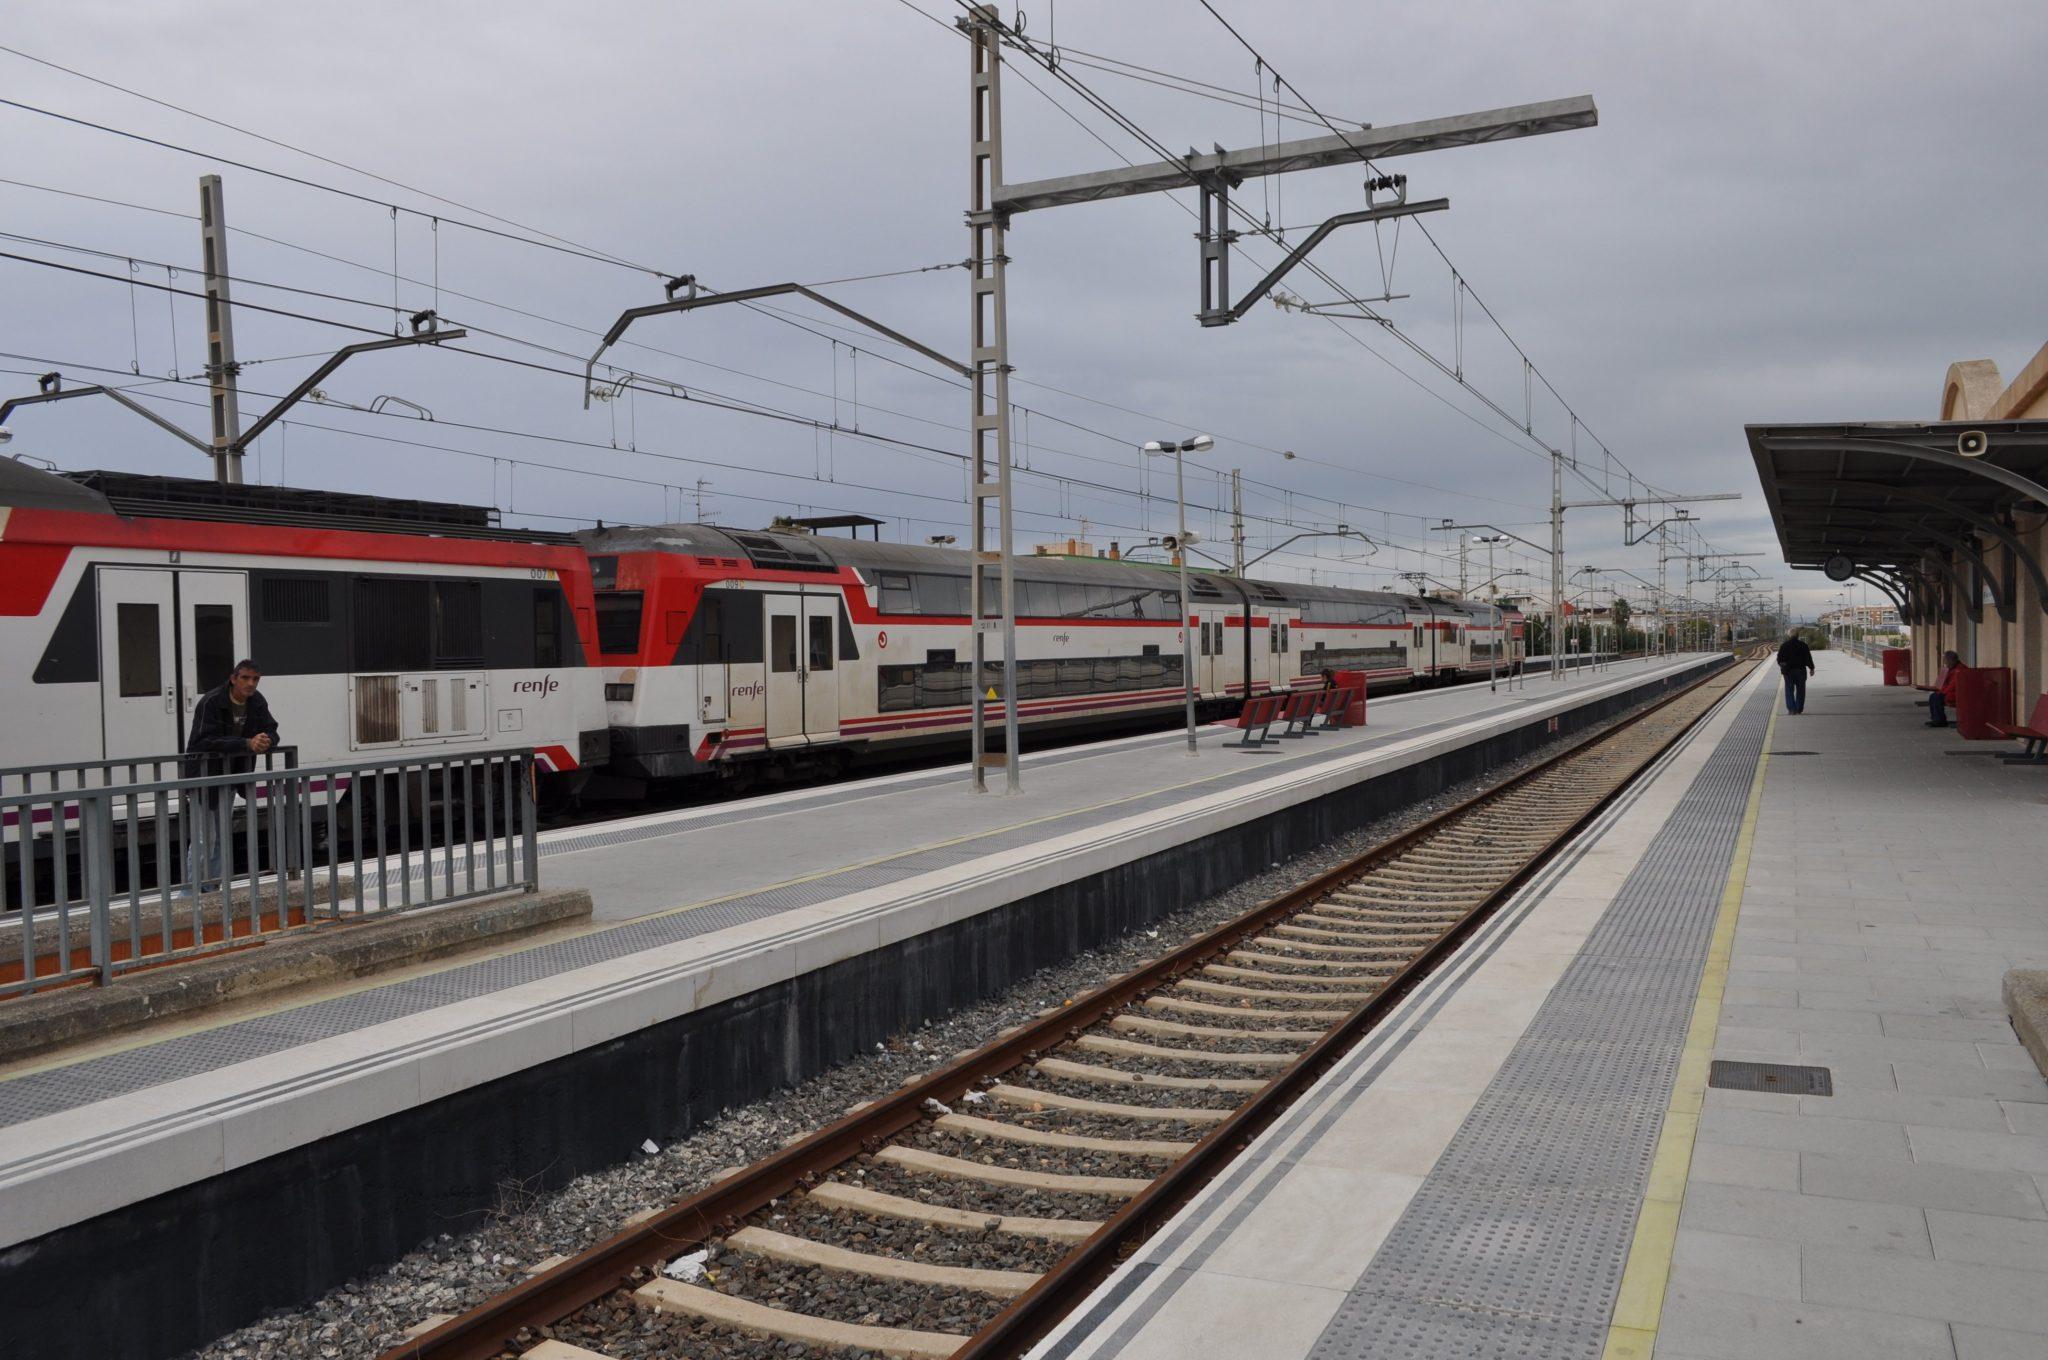 Mesures de protecció en el transport públic